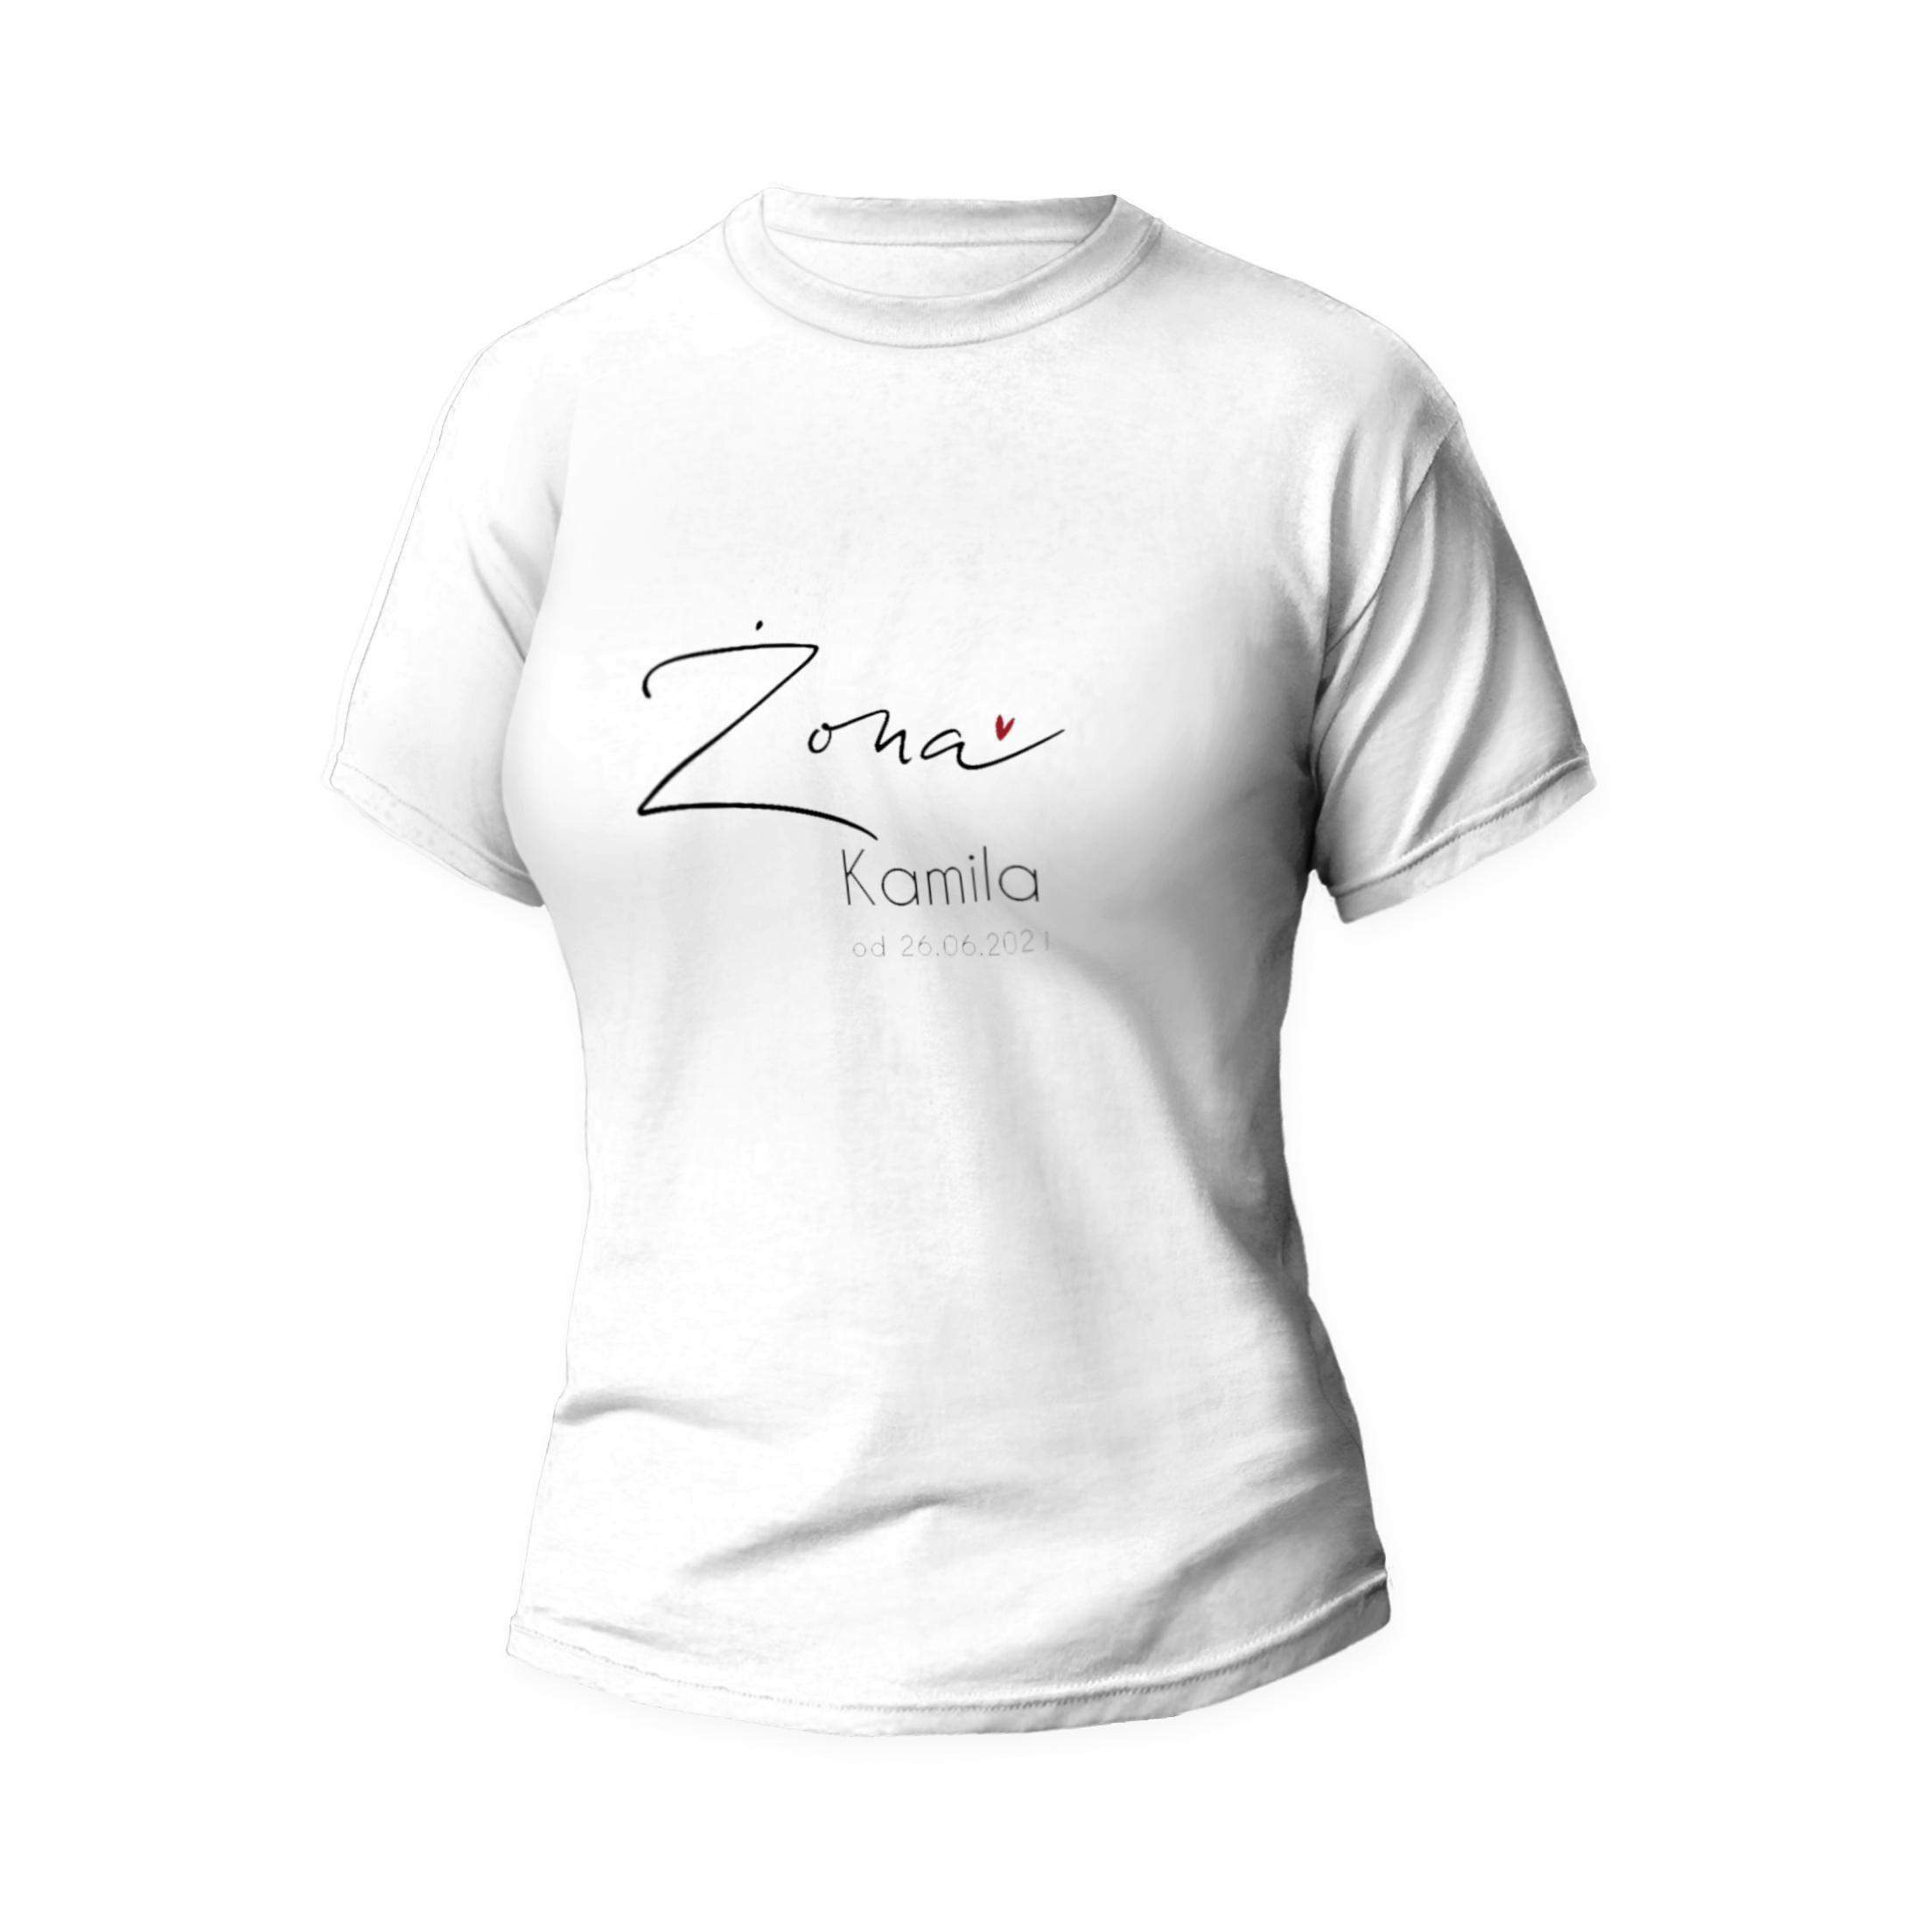 Rozmiar XXL - koszulka damska z własnym nadrukiem dla żony - biała